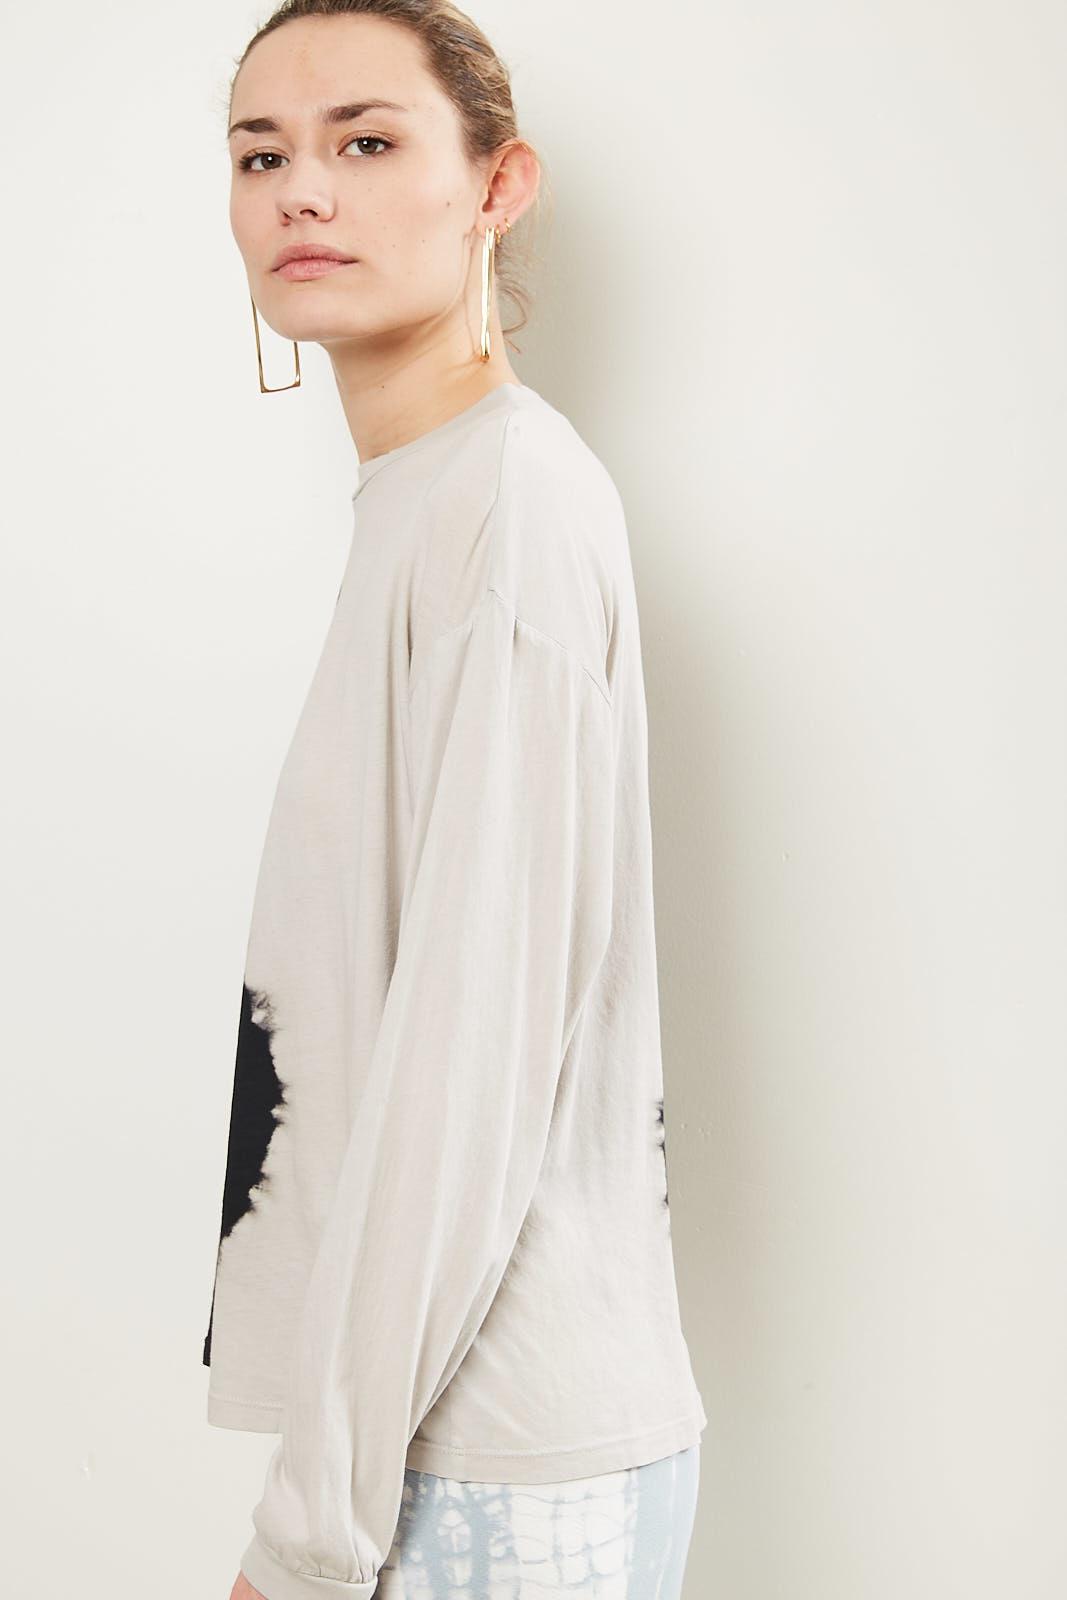 Raquel Allegra - Yin Yang t-shirt